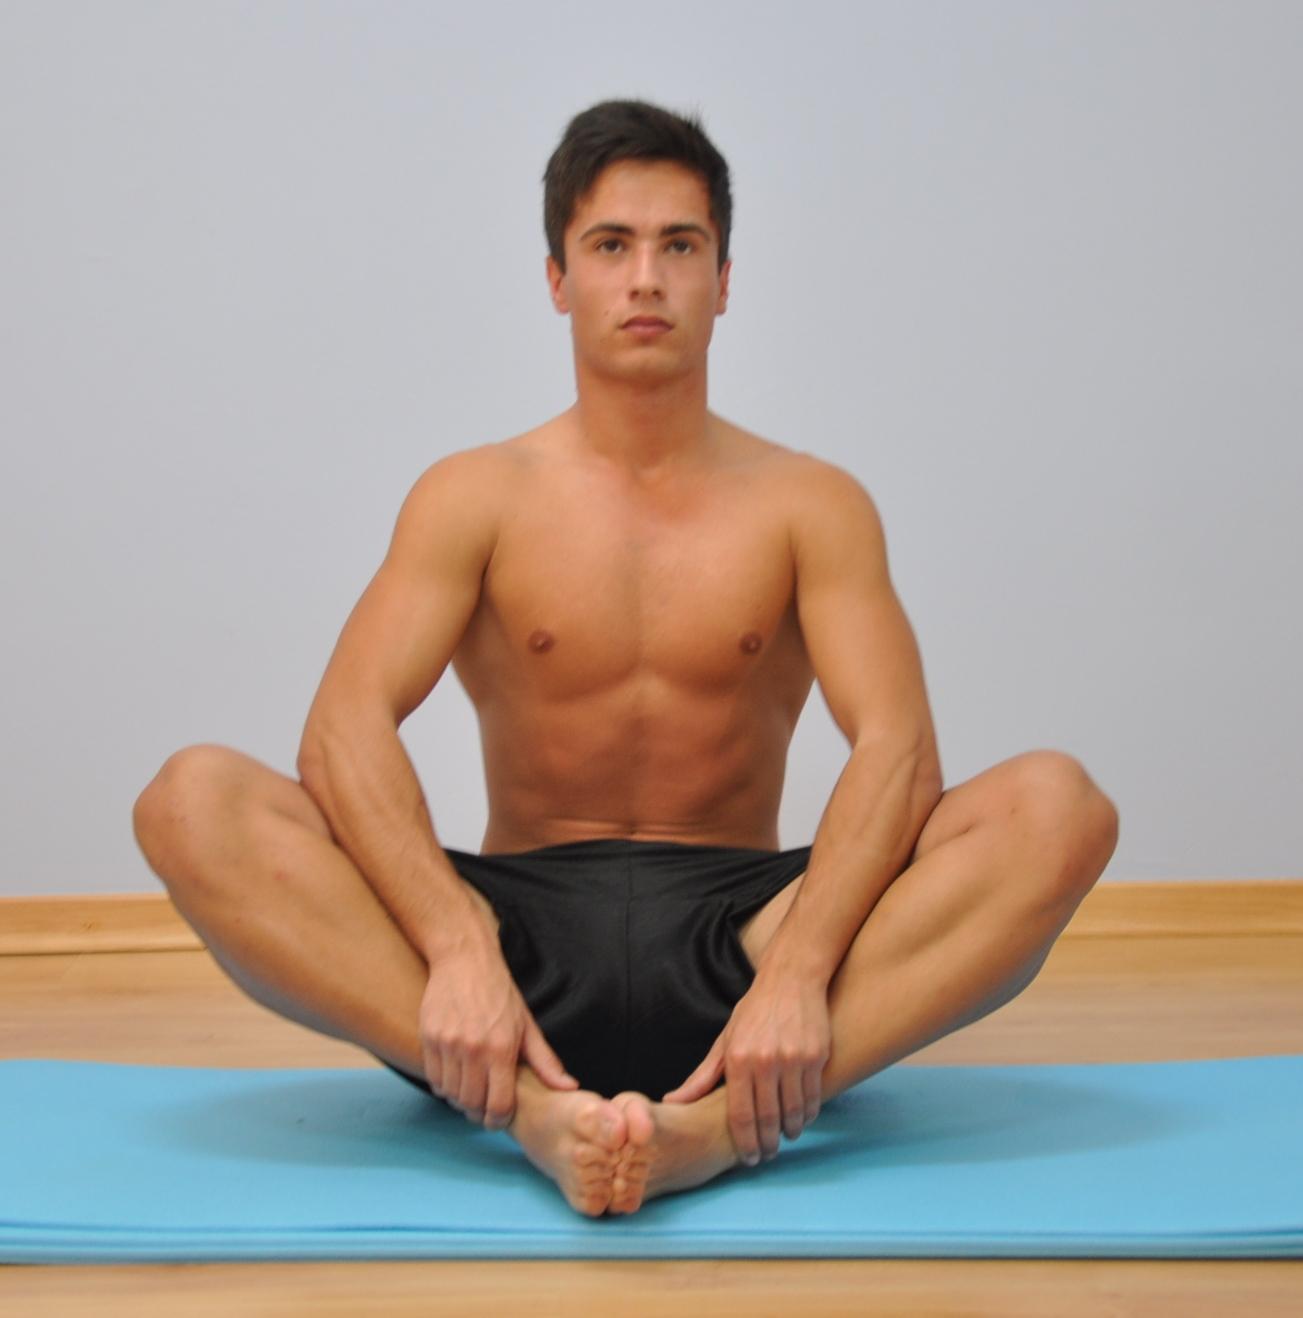 Fisioinforma ruptura muscular dos adutores da coxa for Exercicio para interno de coxa